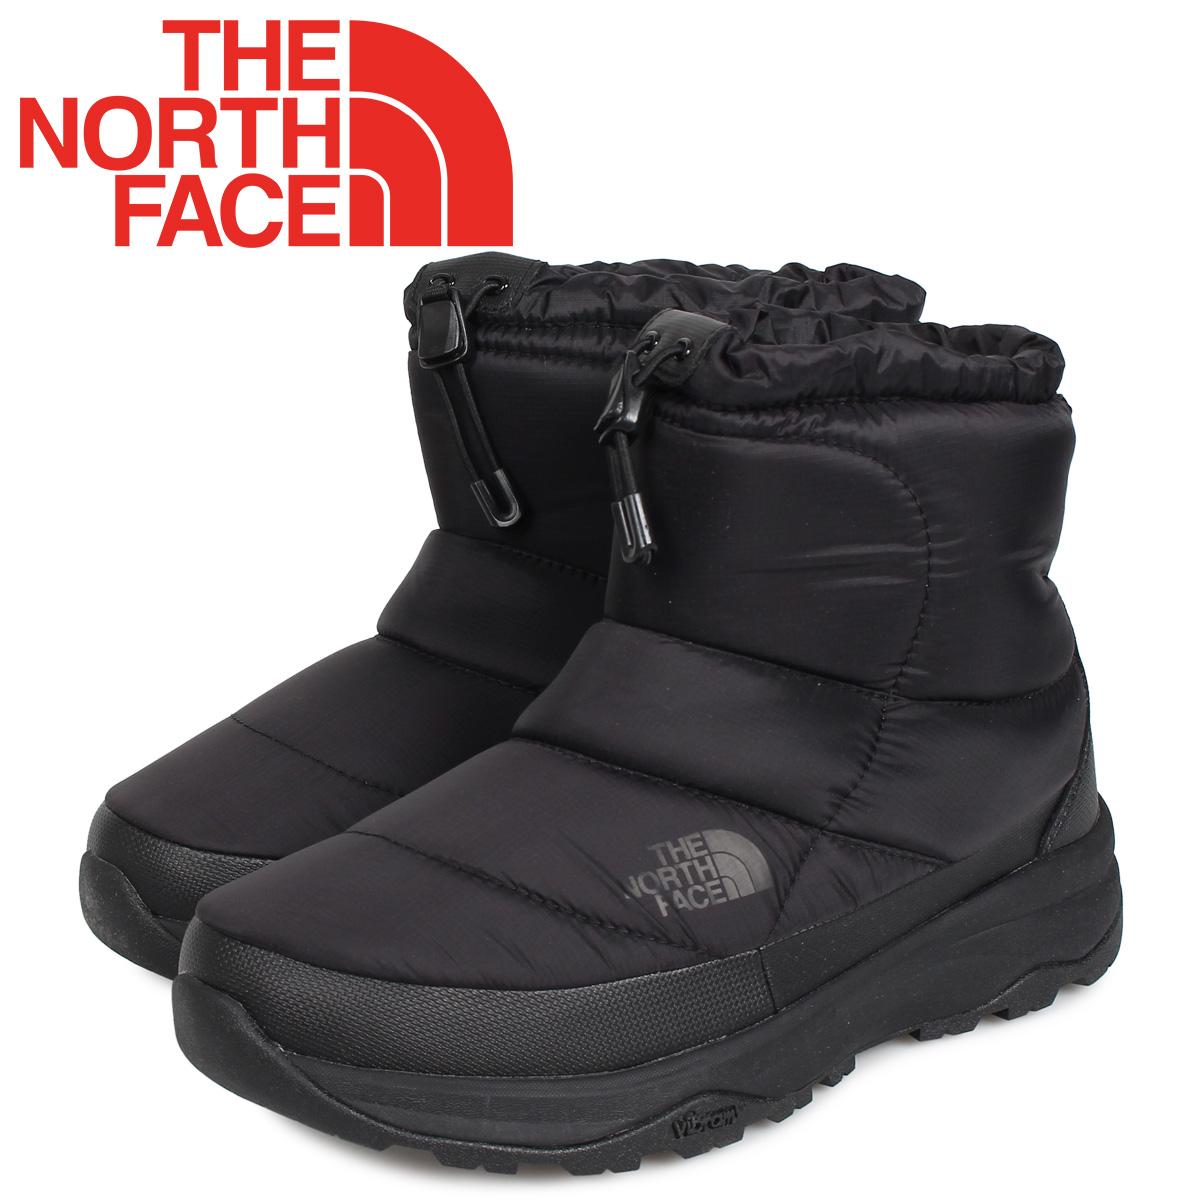 ノースフェイス THE NORTH FACE ヌプシ ブーティー ウォータープルーフ ブーツ 6 ショート ウィンターブーツ メンズ レディース NUPTSE BOOTIE WP6 SHORT ブラック 黒 NF51874